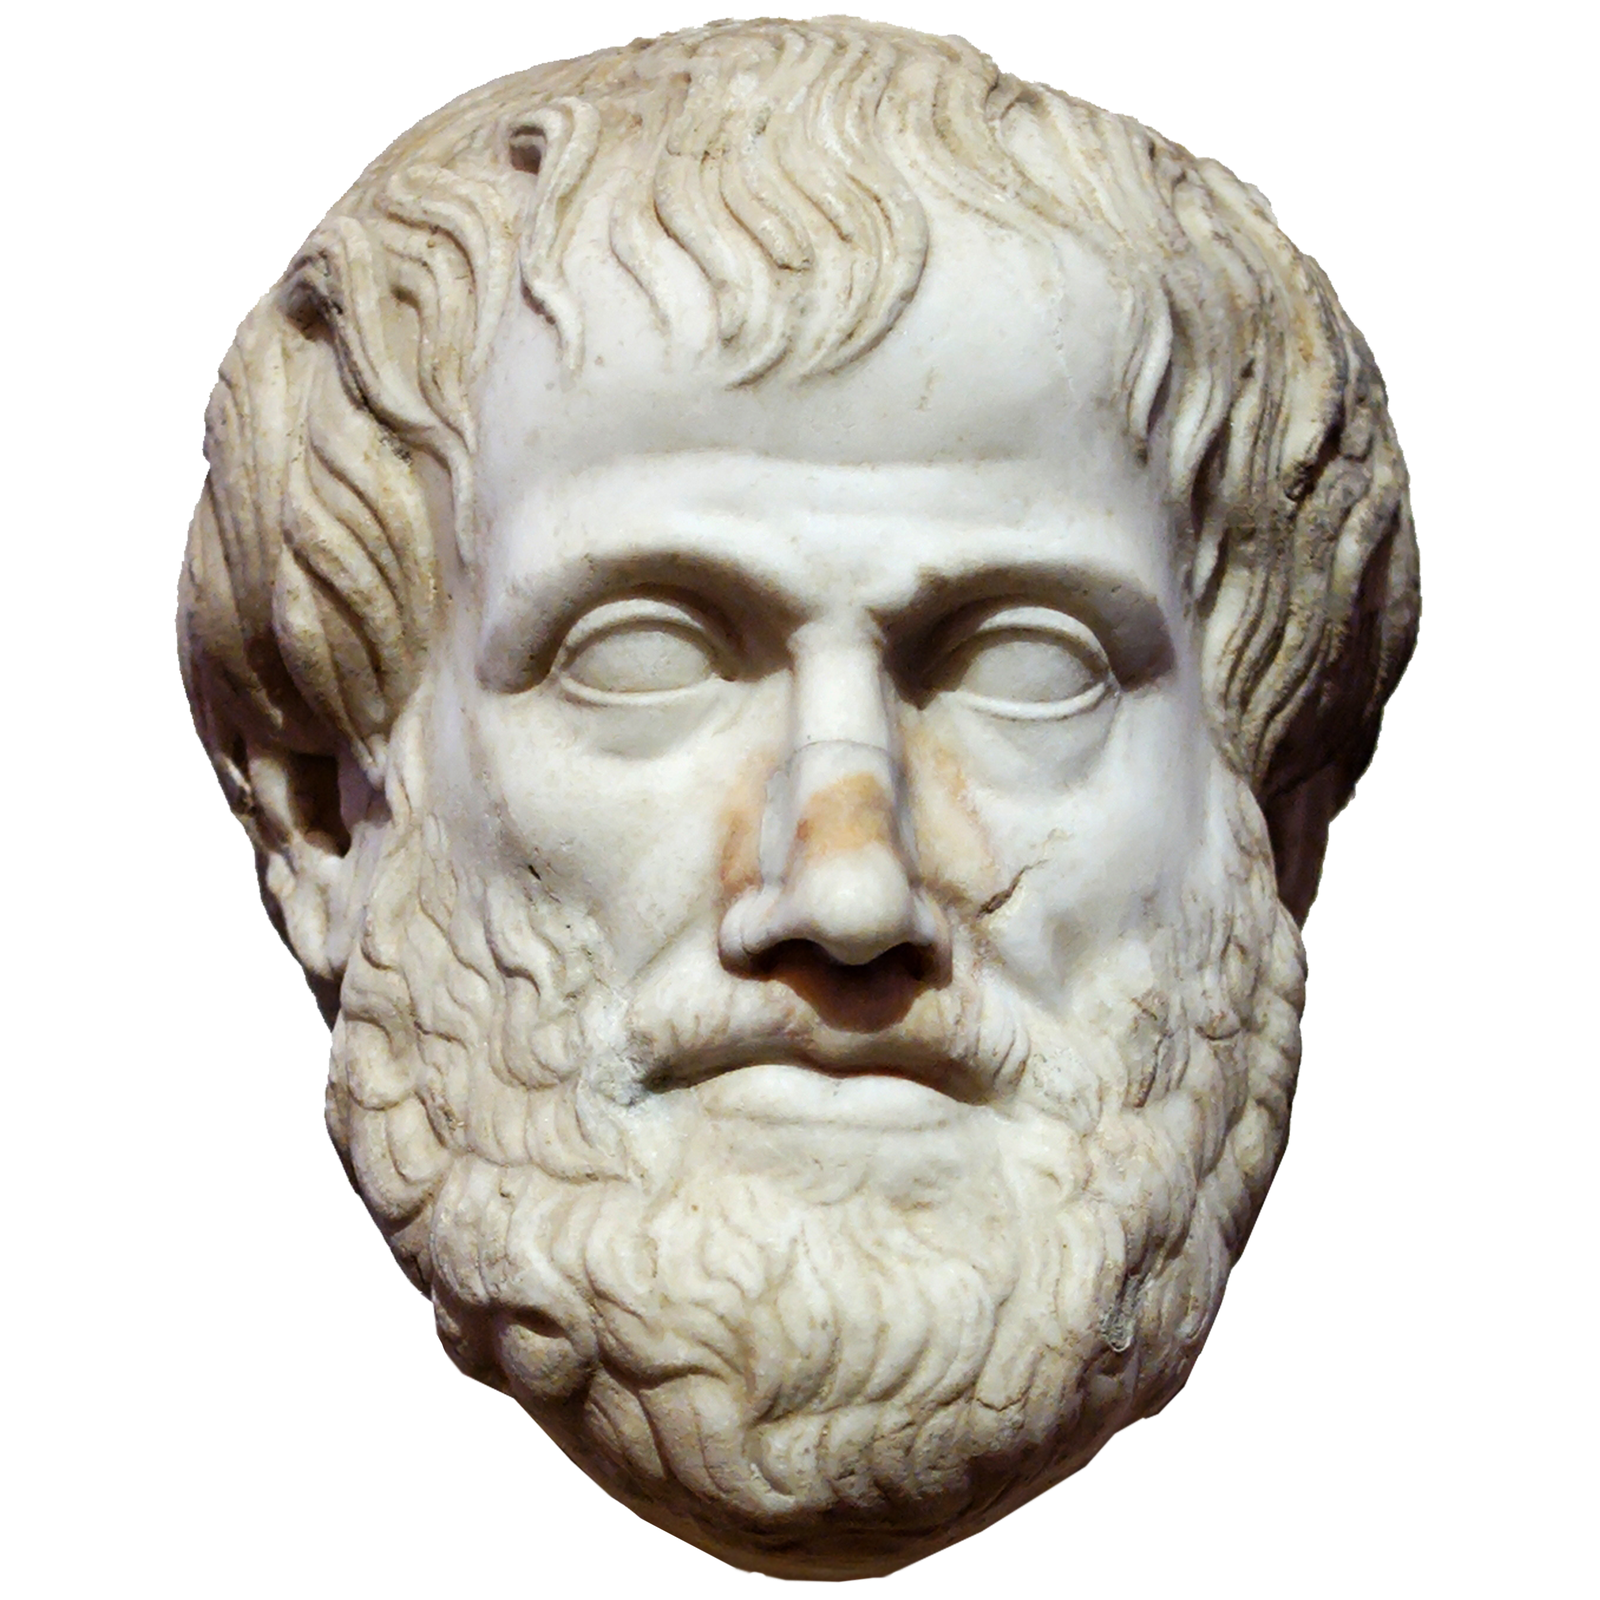 Arystoteles – podobizna przechowywana wMuzeum Narodowym wRzymie Arystoteles – podobizna przechowywana wMuzeum Narodowym wRzymie Źródło: domena publiczna.